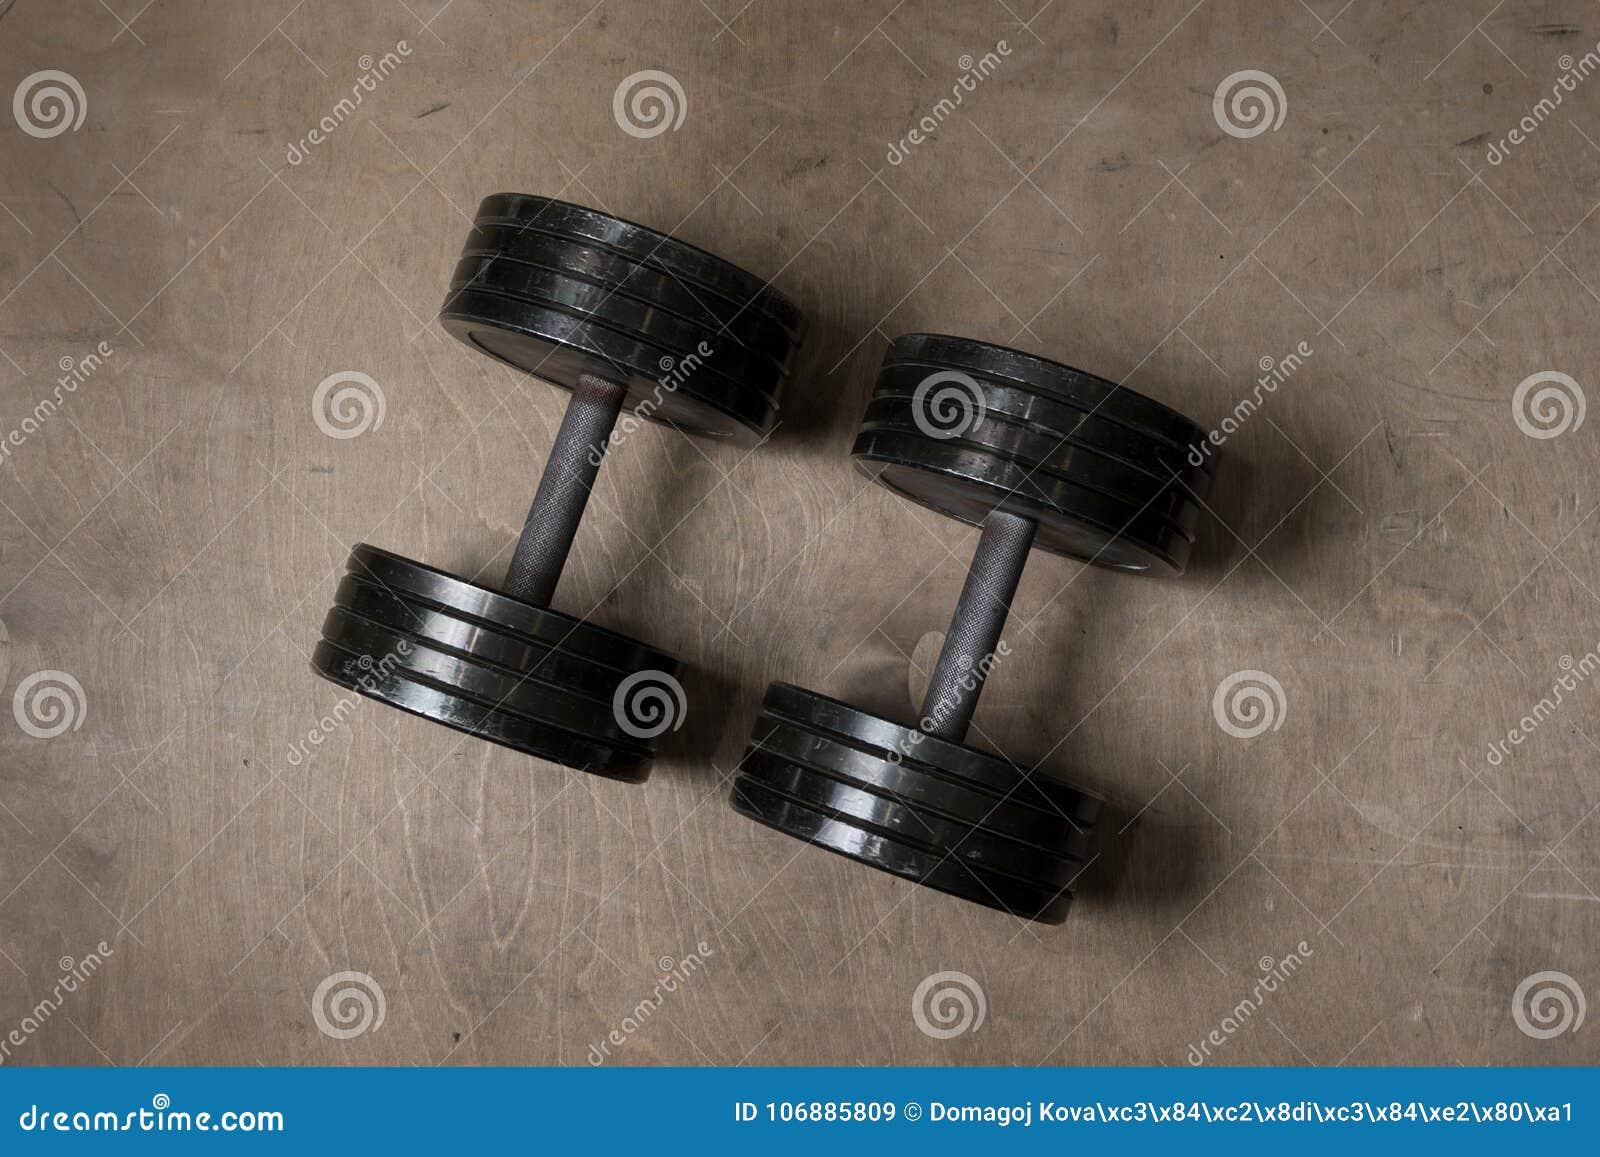 Gebruikte Houten Vloer : Gebruikte en oude zwarte gymnastiekdomoren op ruwe houten vloer in